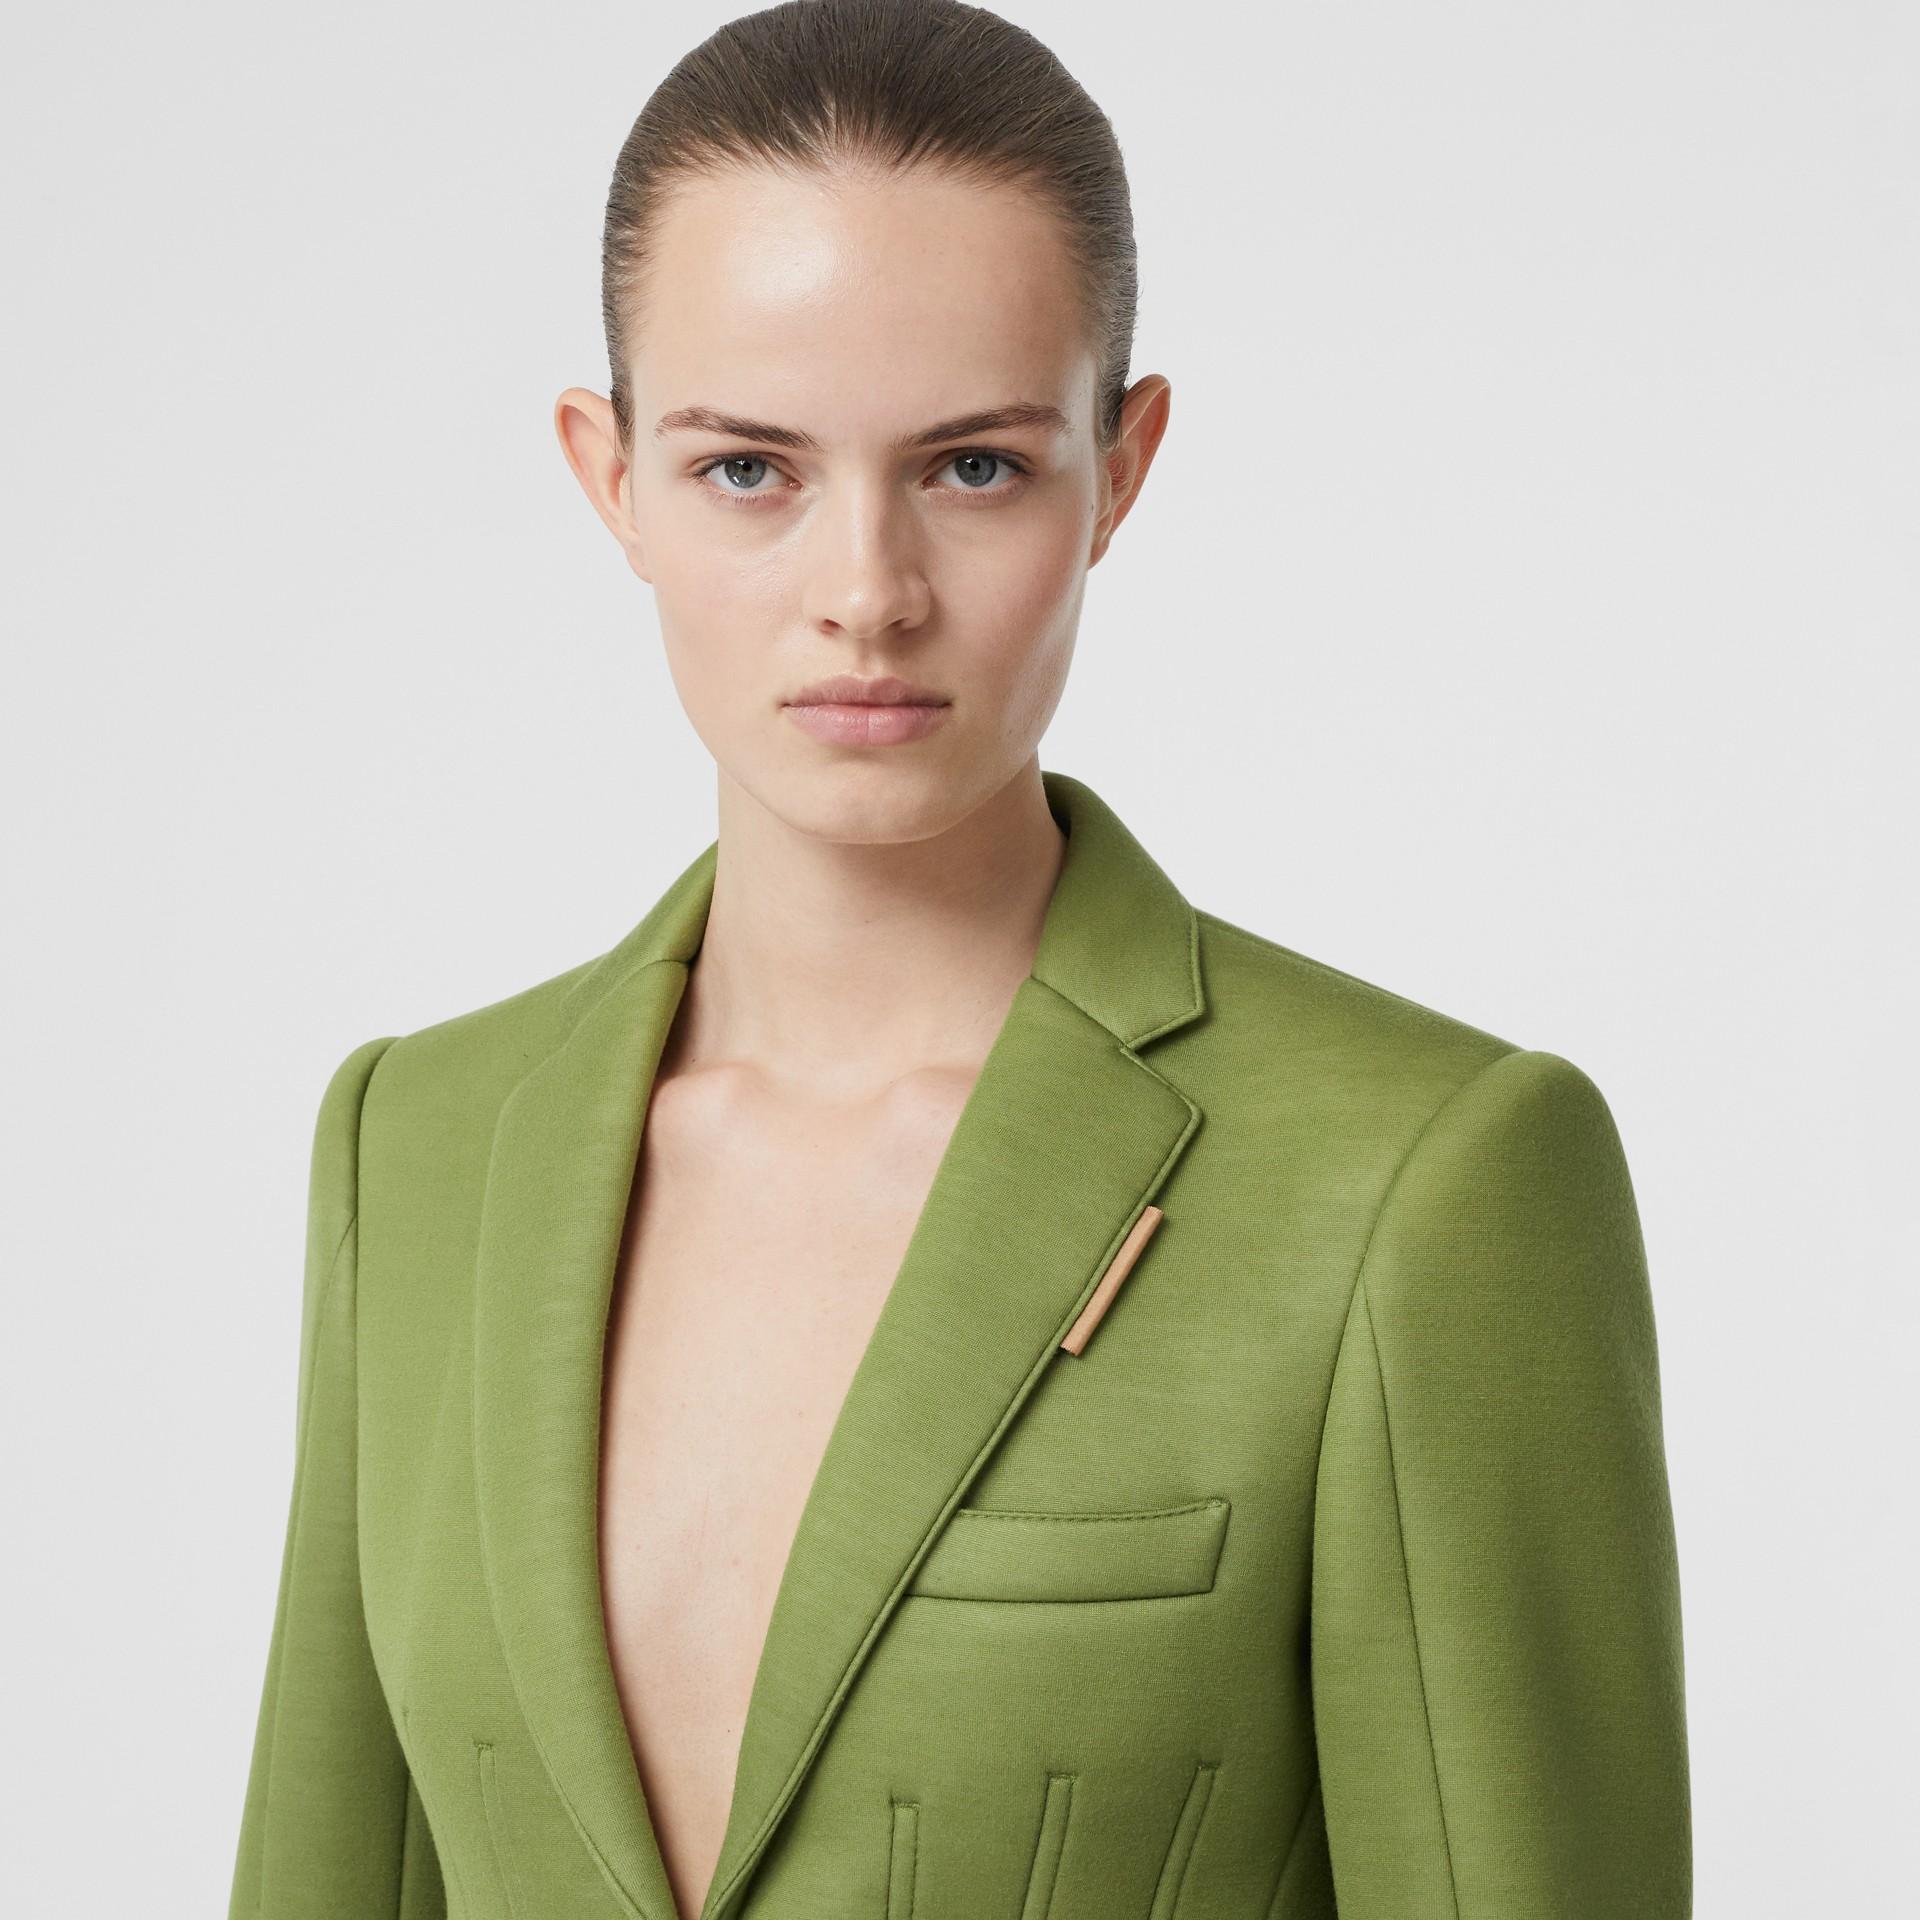 雙面氯丁橡膠套量裁製外套 (雪松綠) - 女款 | Burberry - 圖庫照片 1